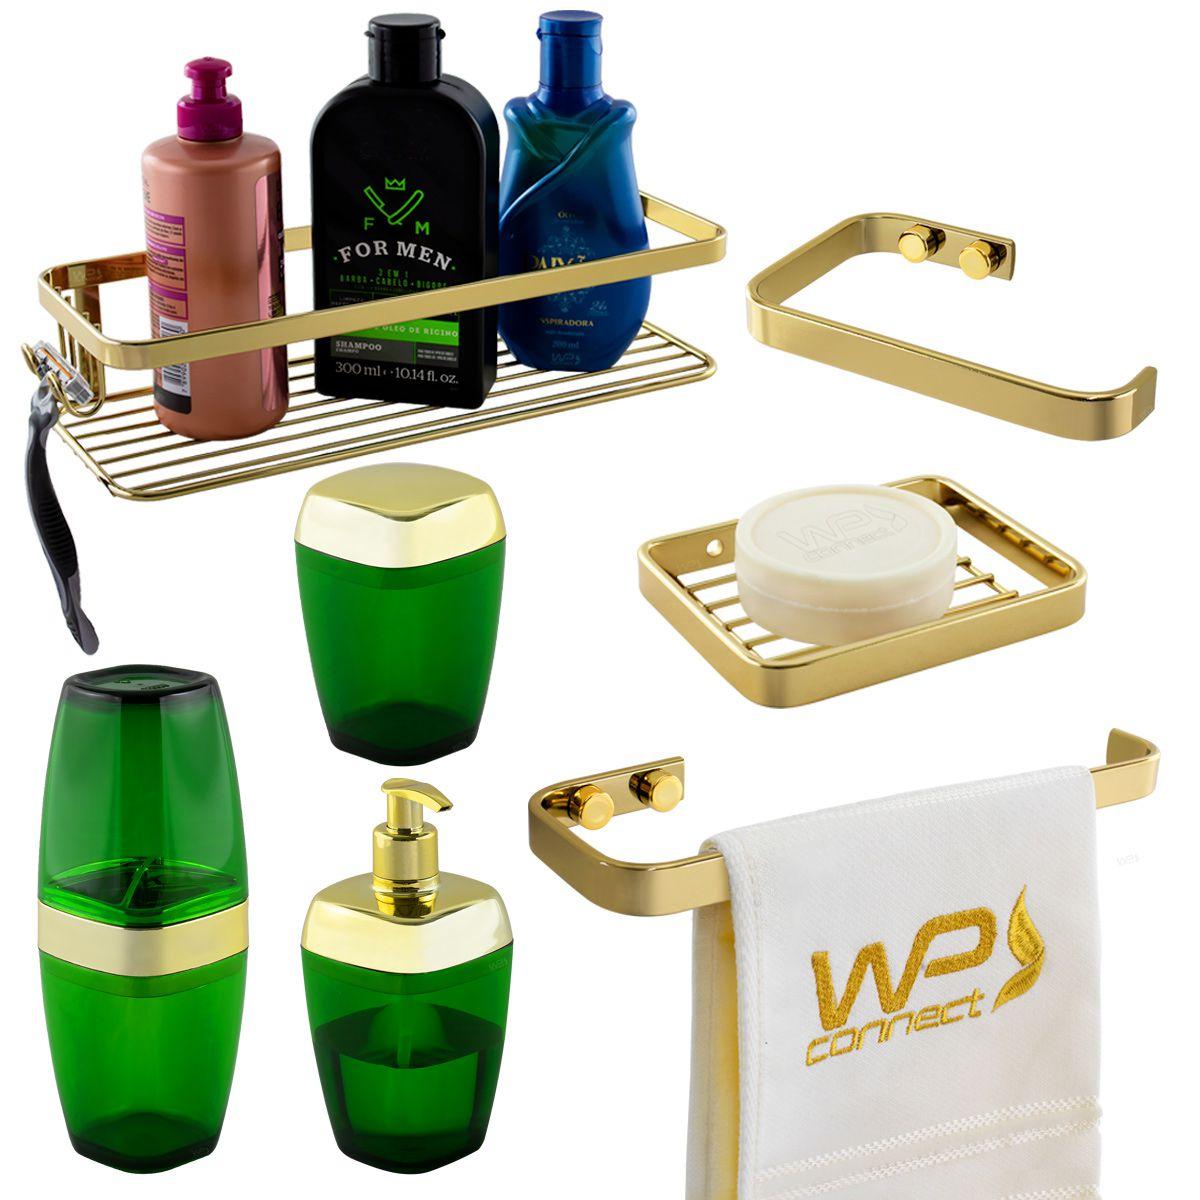 Kit Acessório Banheiro 7 Peças Translúcido Dourado